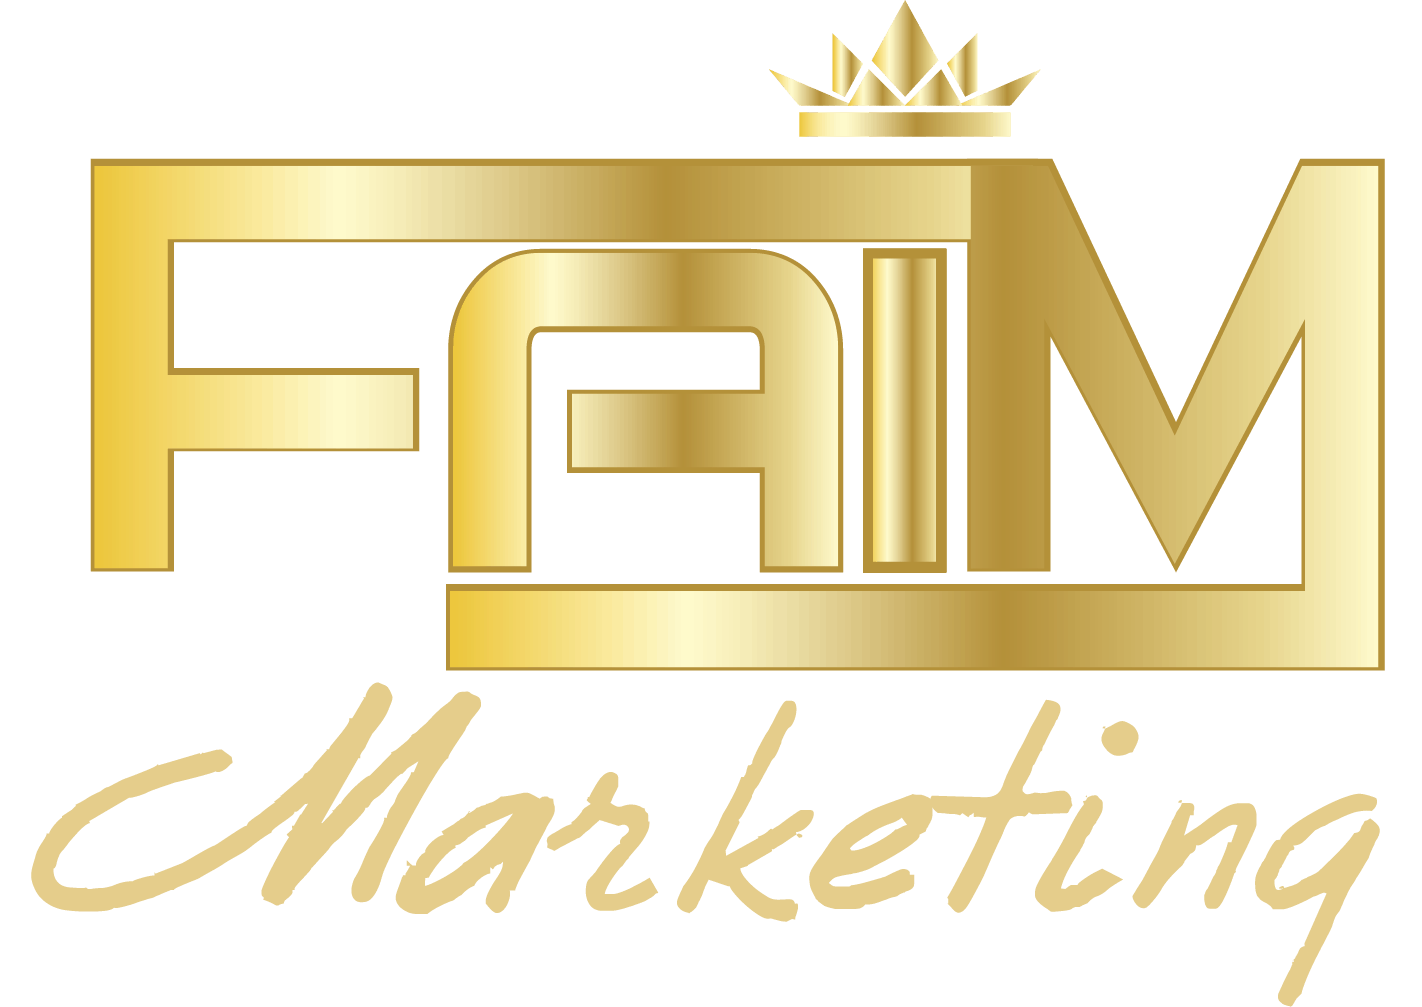 Faim Marketing